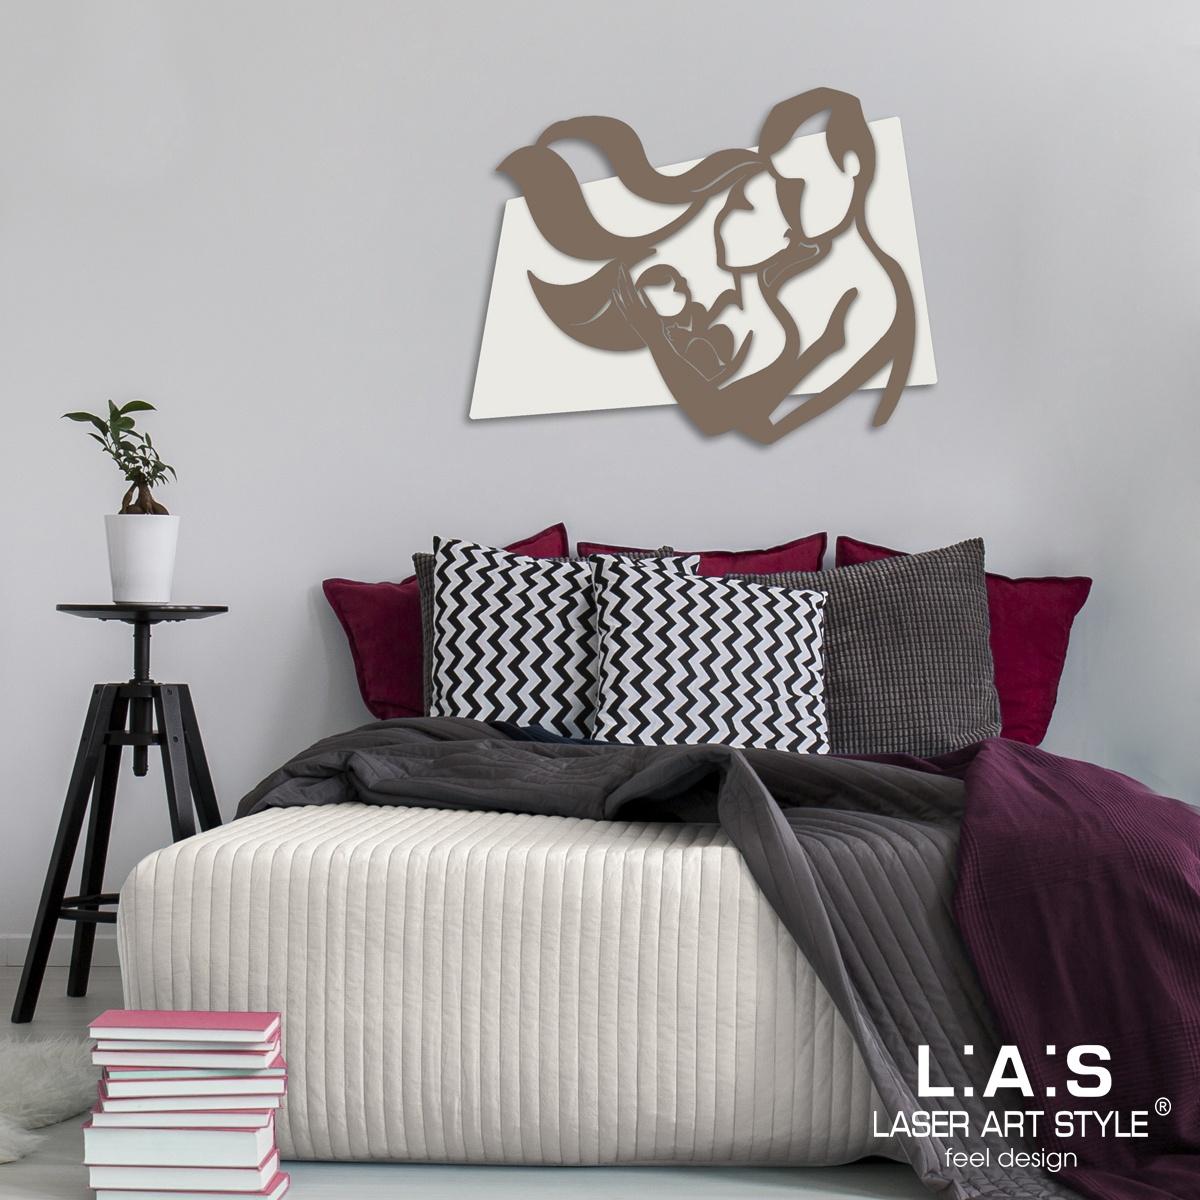 L:A:S - Laser Art Style - CAPOLETTO MODERNO – SACRA FAMIGLIA SI-323XL PANNA – GRIGIO MARRONE